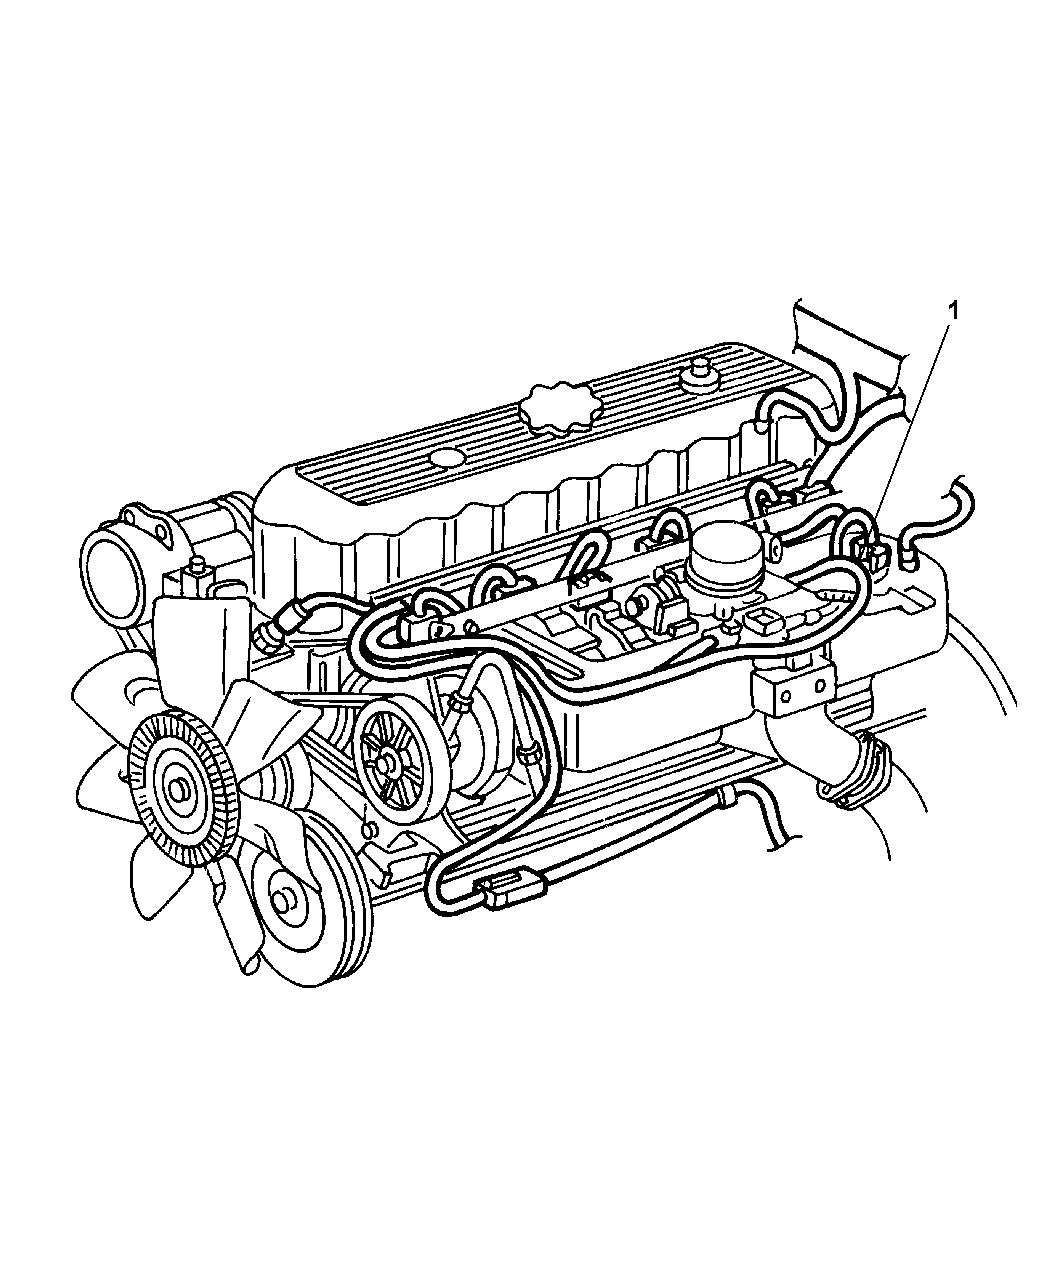 56044522AD - Genuine Jeep WIRING-ENGINE